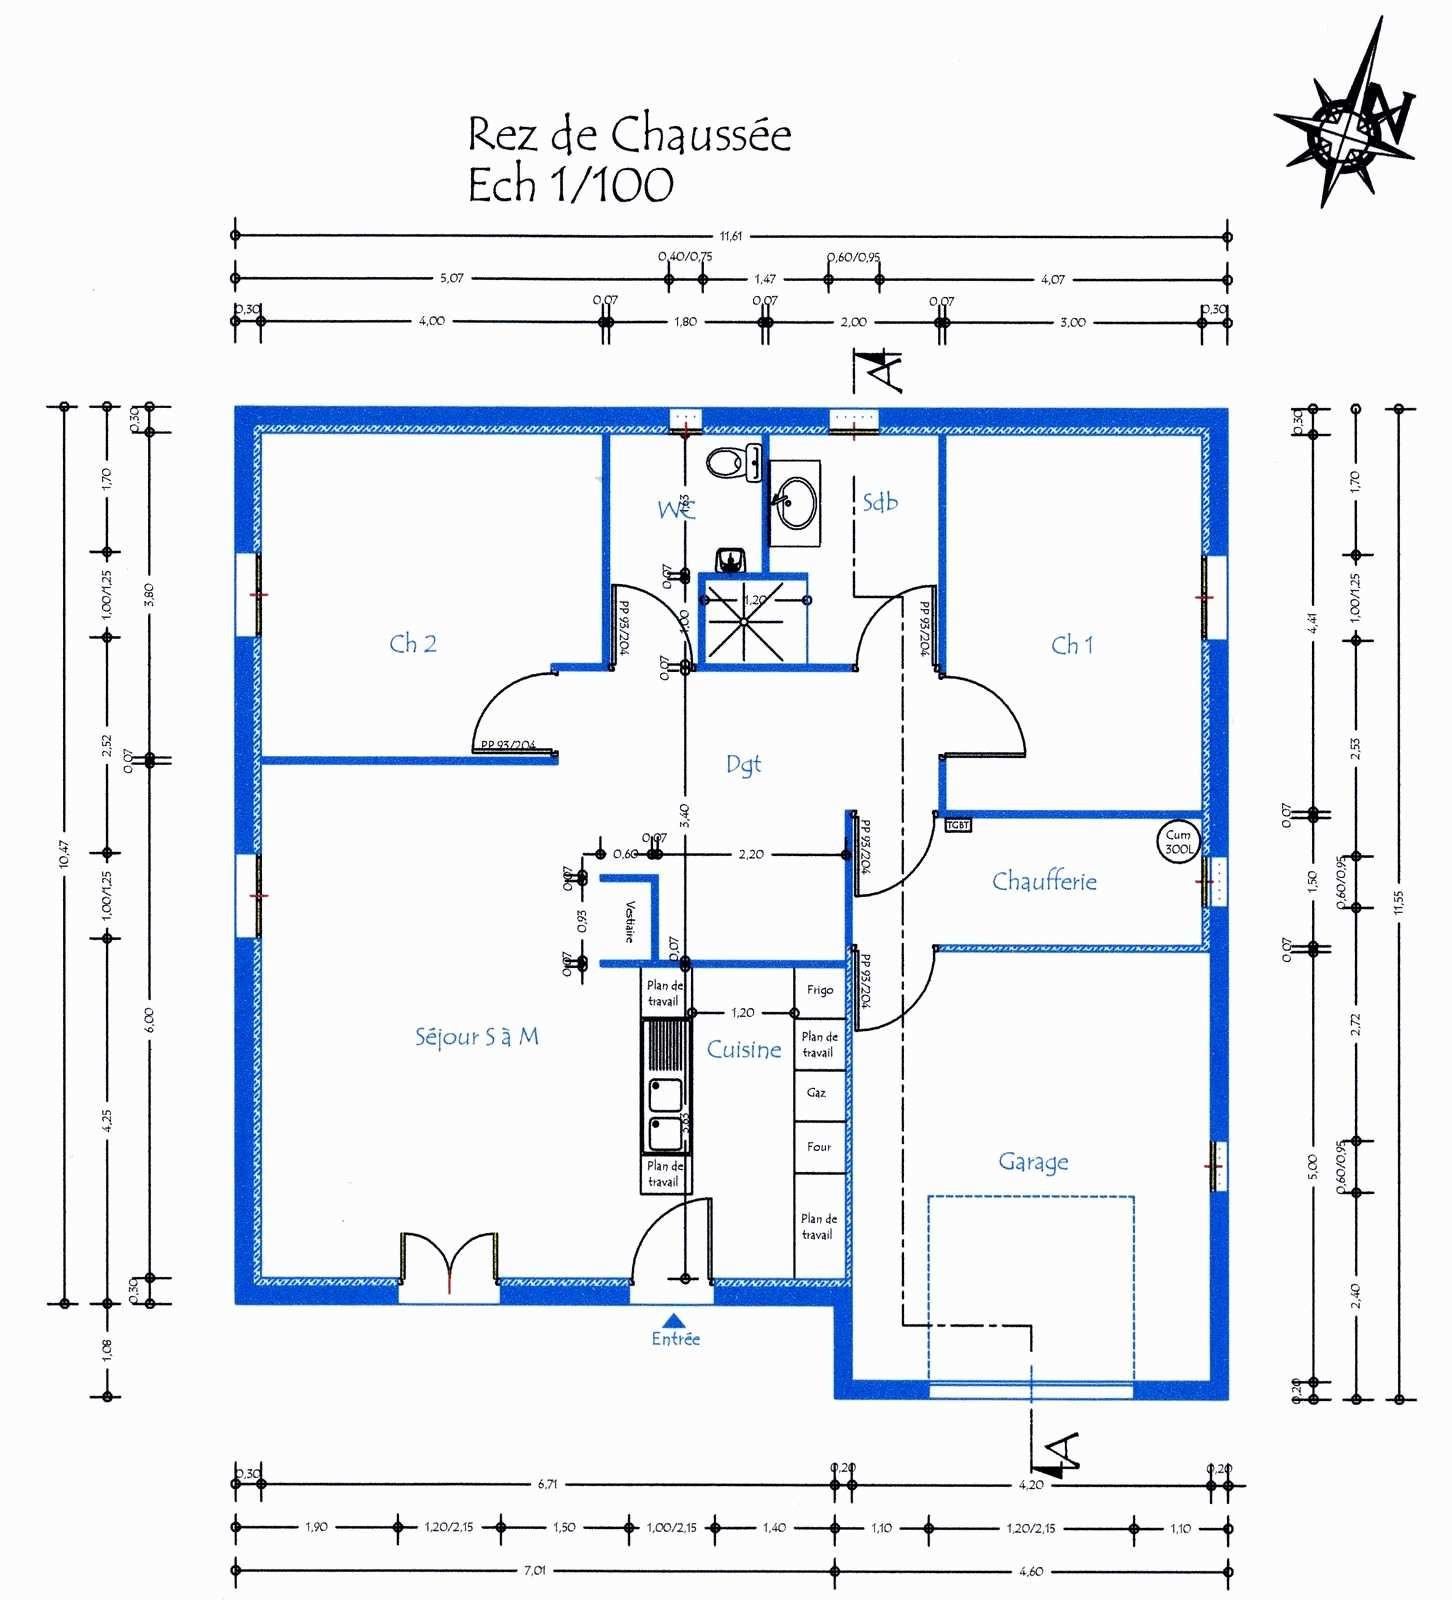 Logiciel Dessin Architecture Gratuit Plan De Maison Tout Plan Cabanon Gratuit Home Depot Agencecormierdelauniere Com Agencecormierdelauniere Com